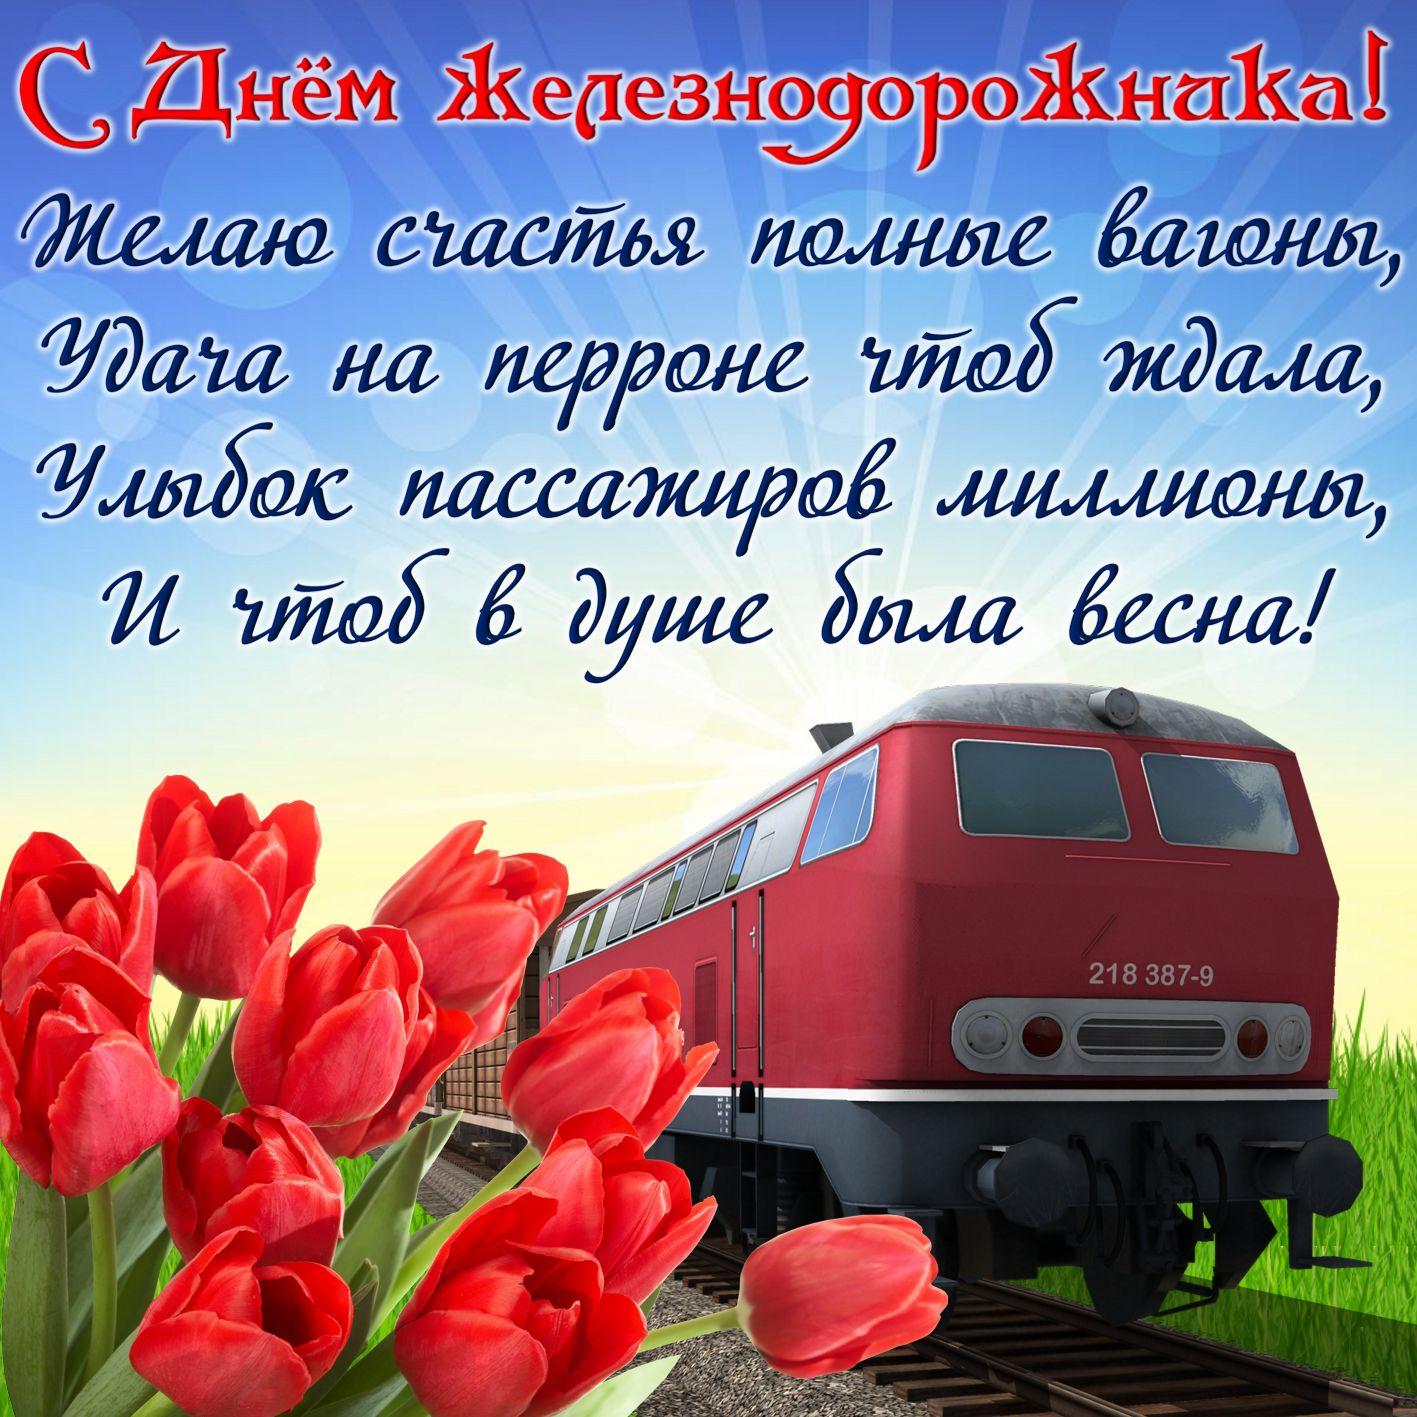 Гиф открытки к дню железнодорожника